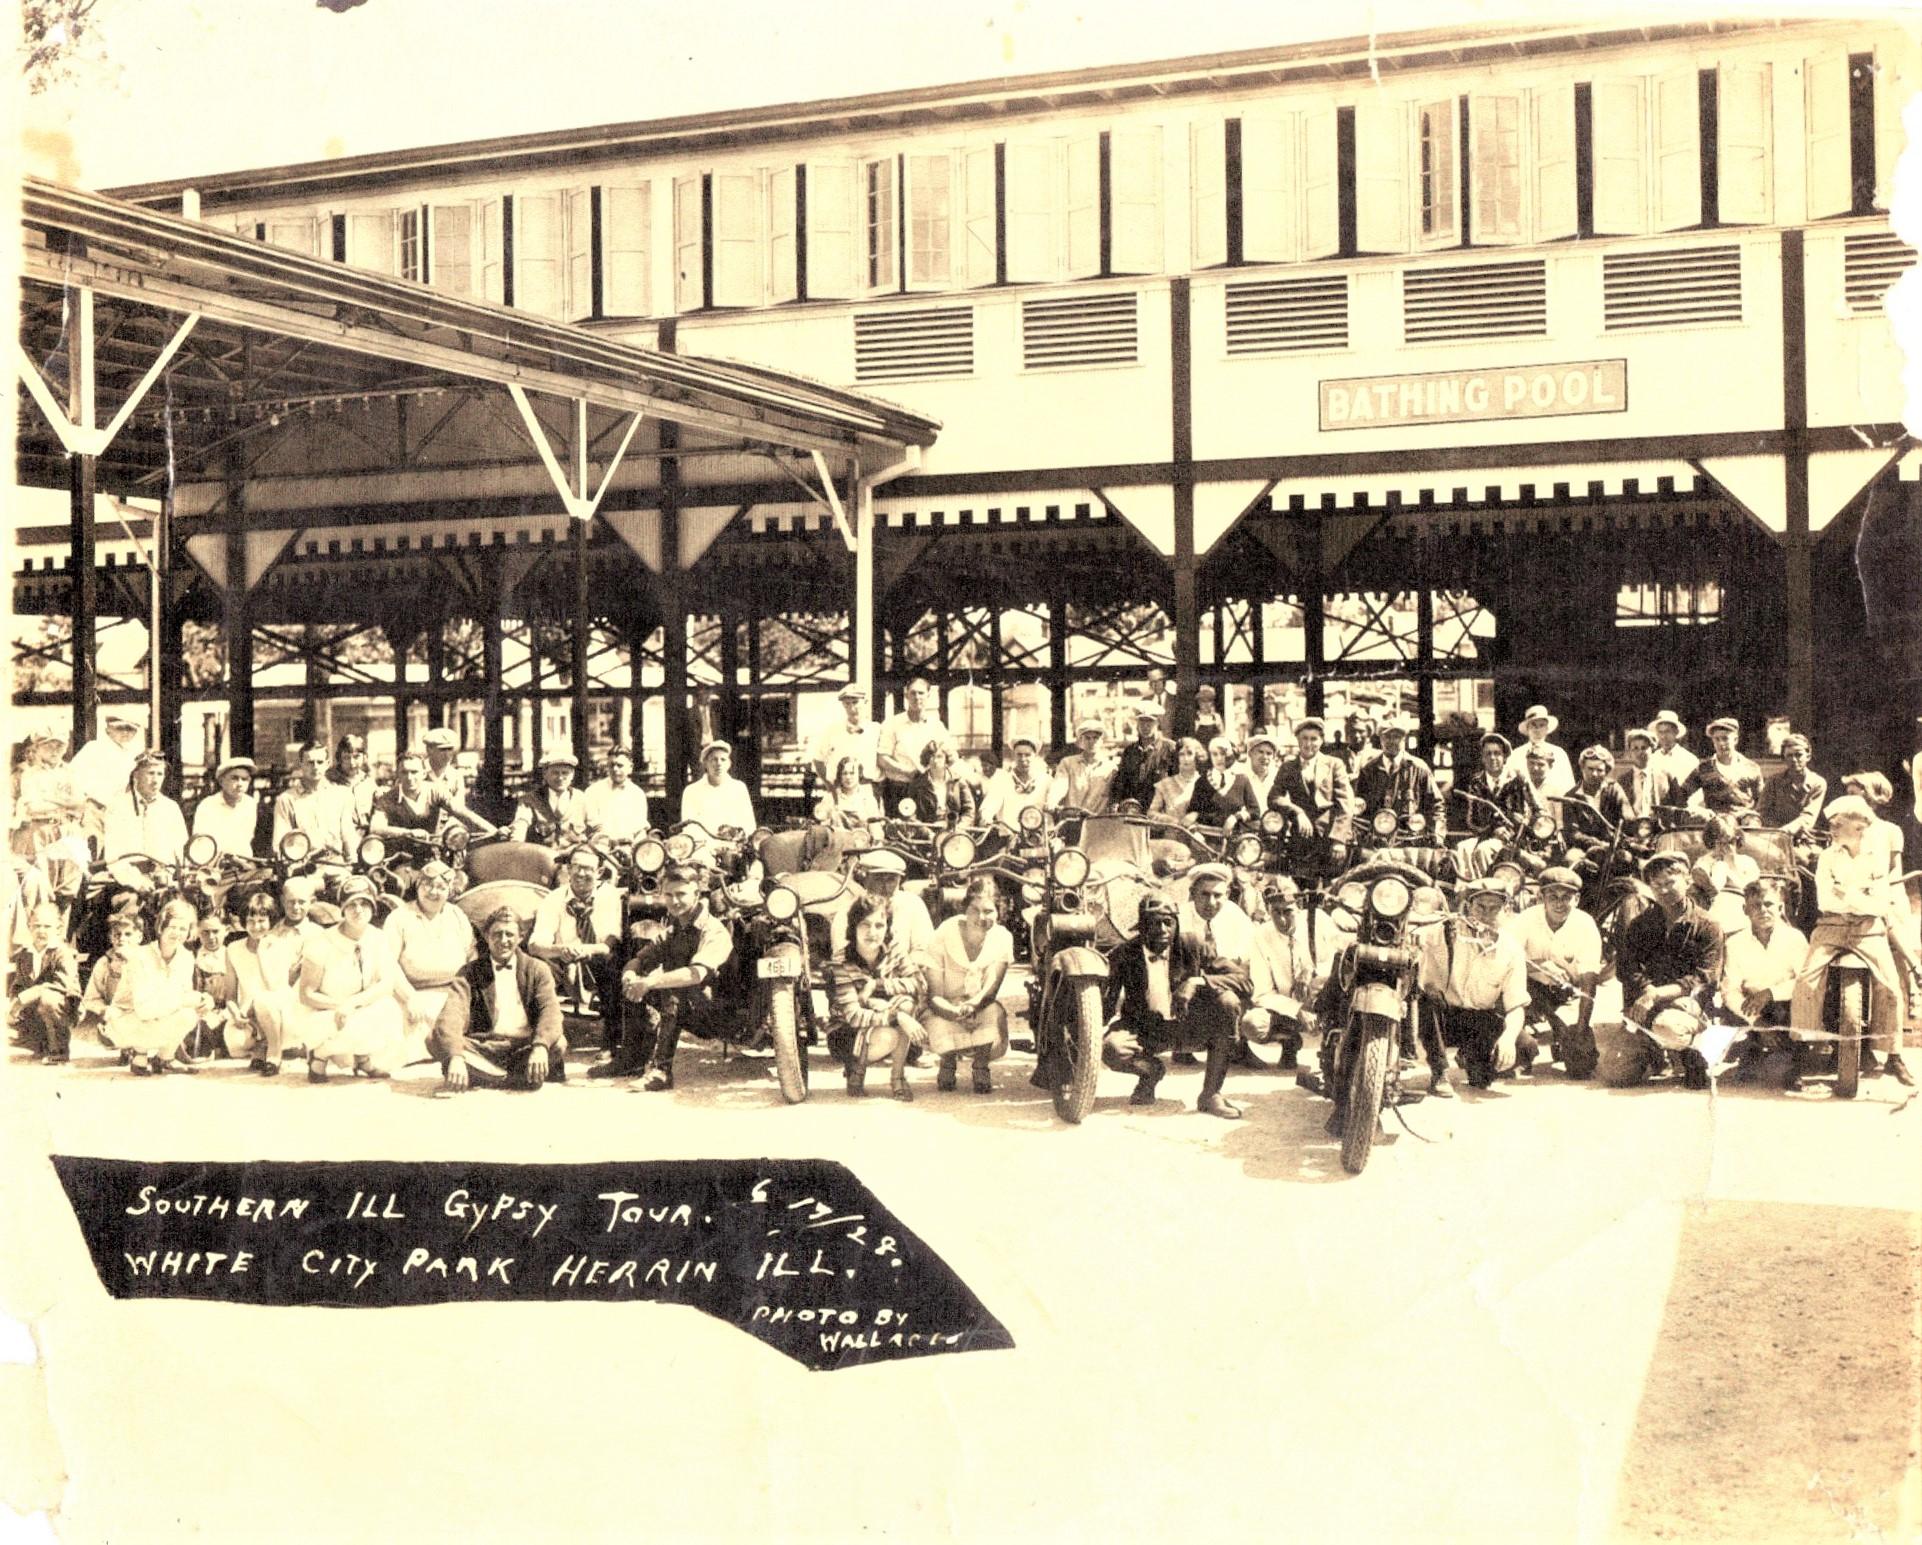 20th Century, Southern Illinois Gypsy Tour 1928